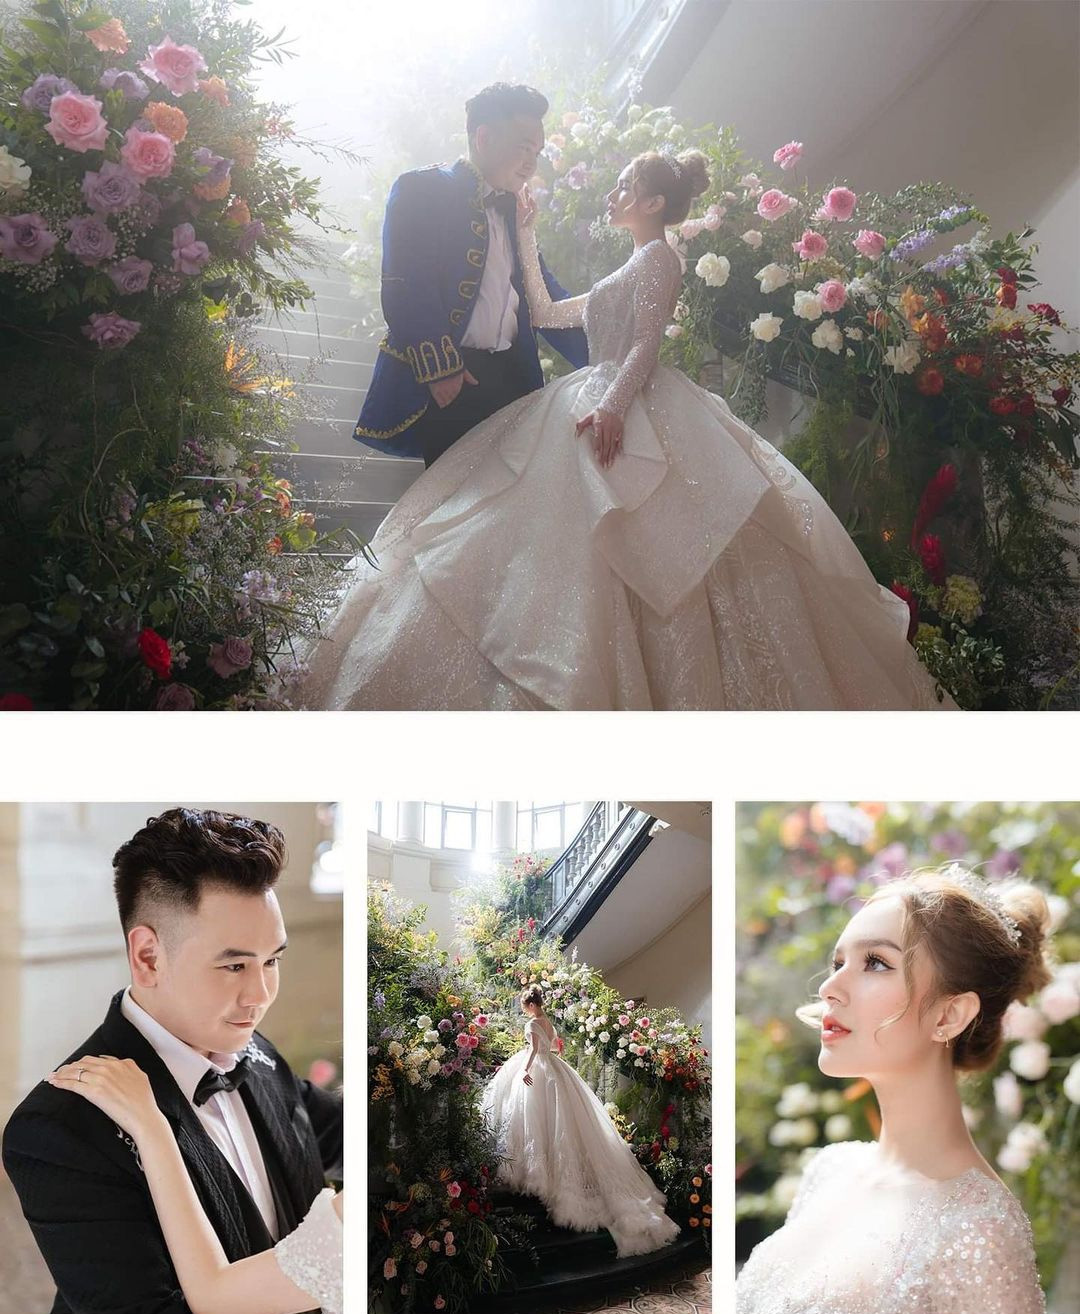 """Hé lộ đám cưới của streamer giàu nhất Việt Nam và vợ hot girl kém 13 tuổi, """"bỏ học từ lớp 10"""" - 1"""